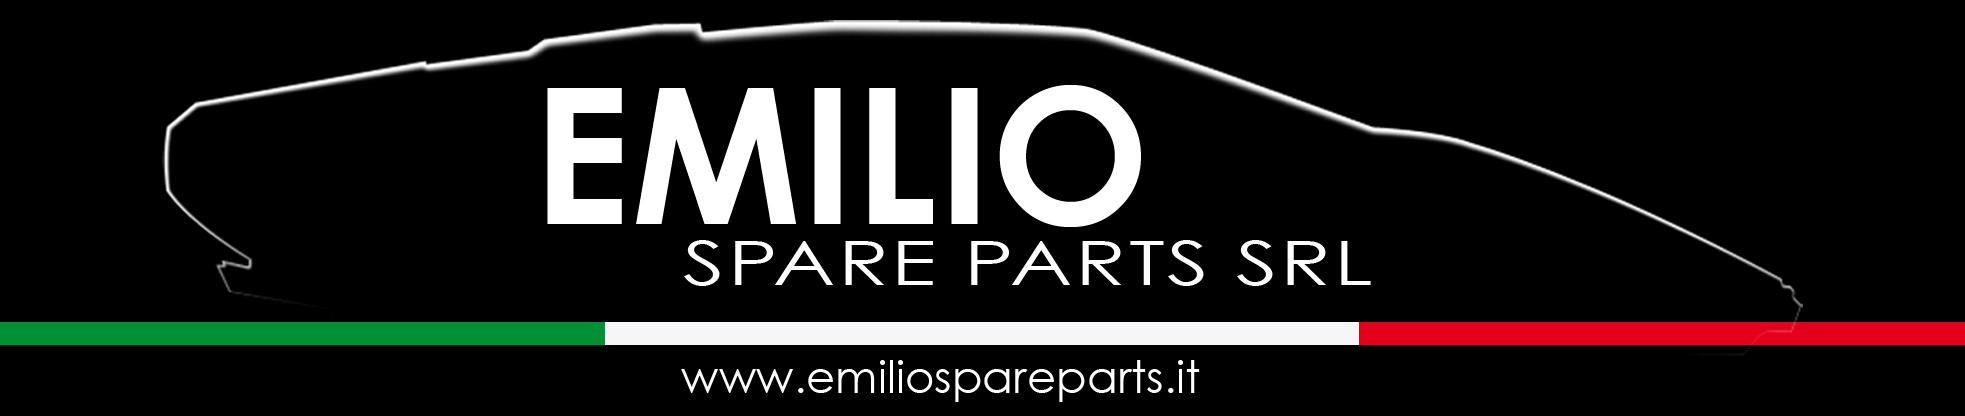 EMILIO SPARE PARTS logo